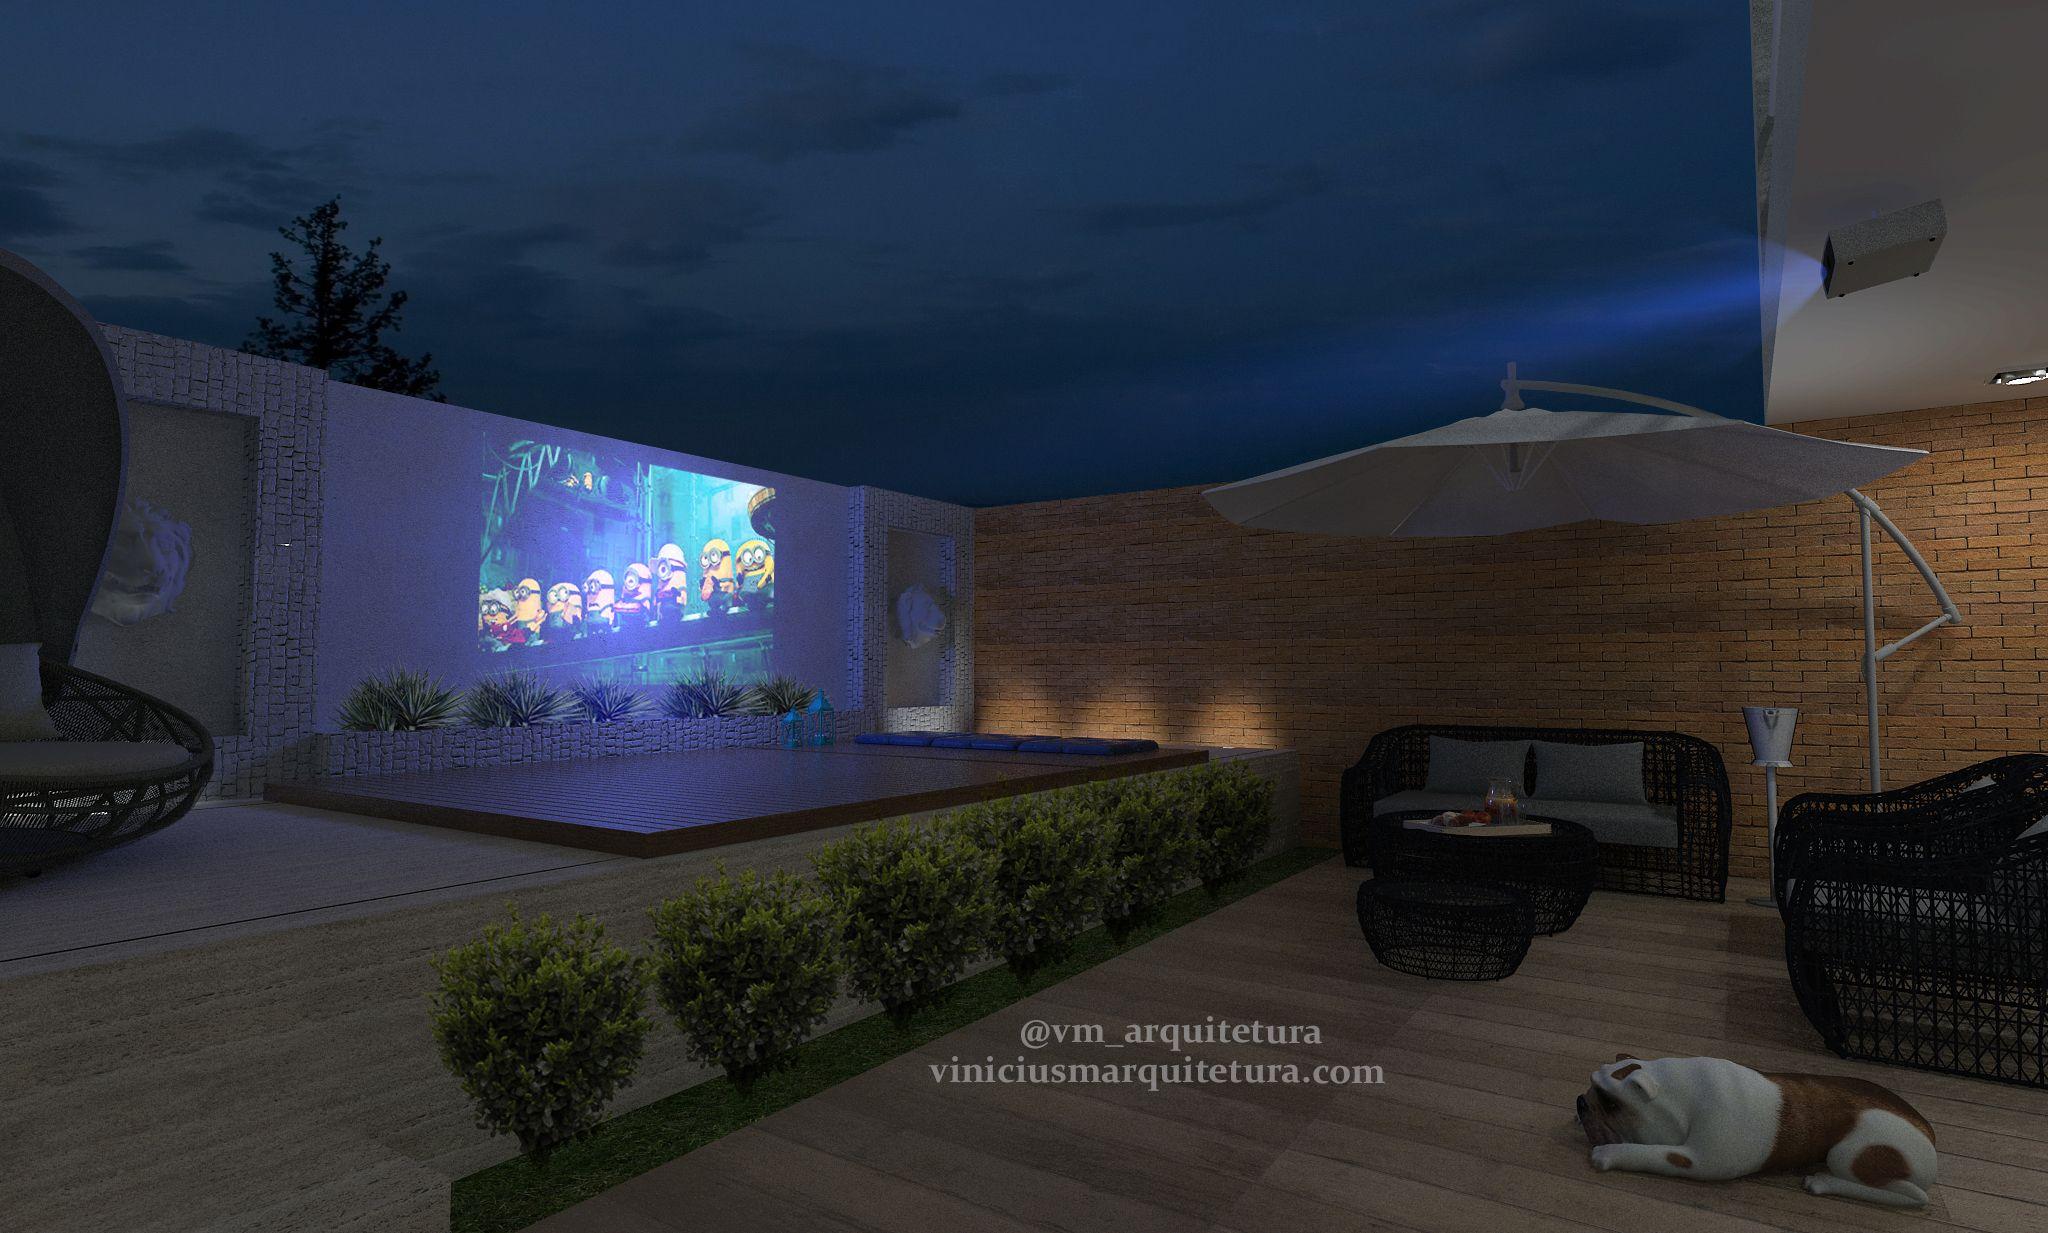 Jardim com piscina - Deck retrátil sobre a piscina com projetor no ...